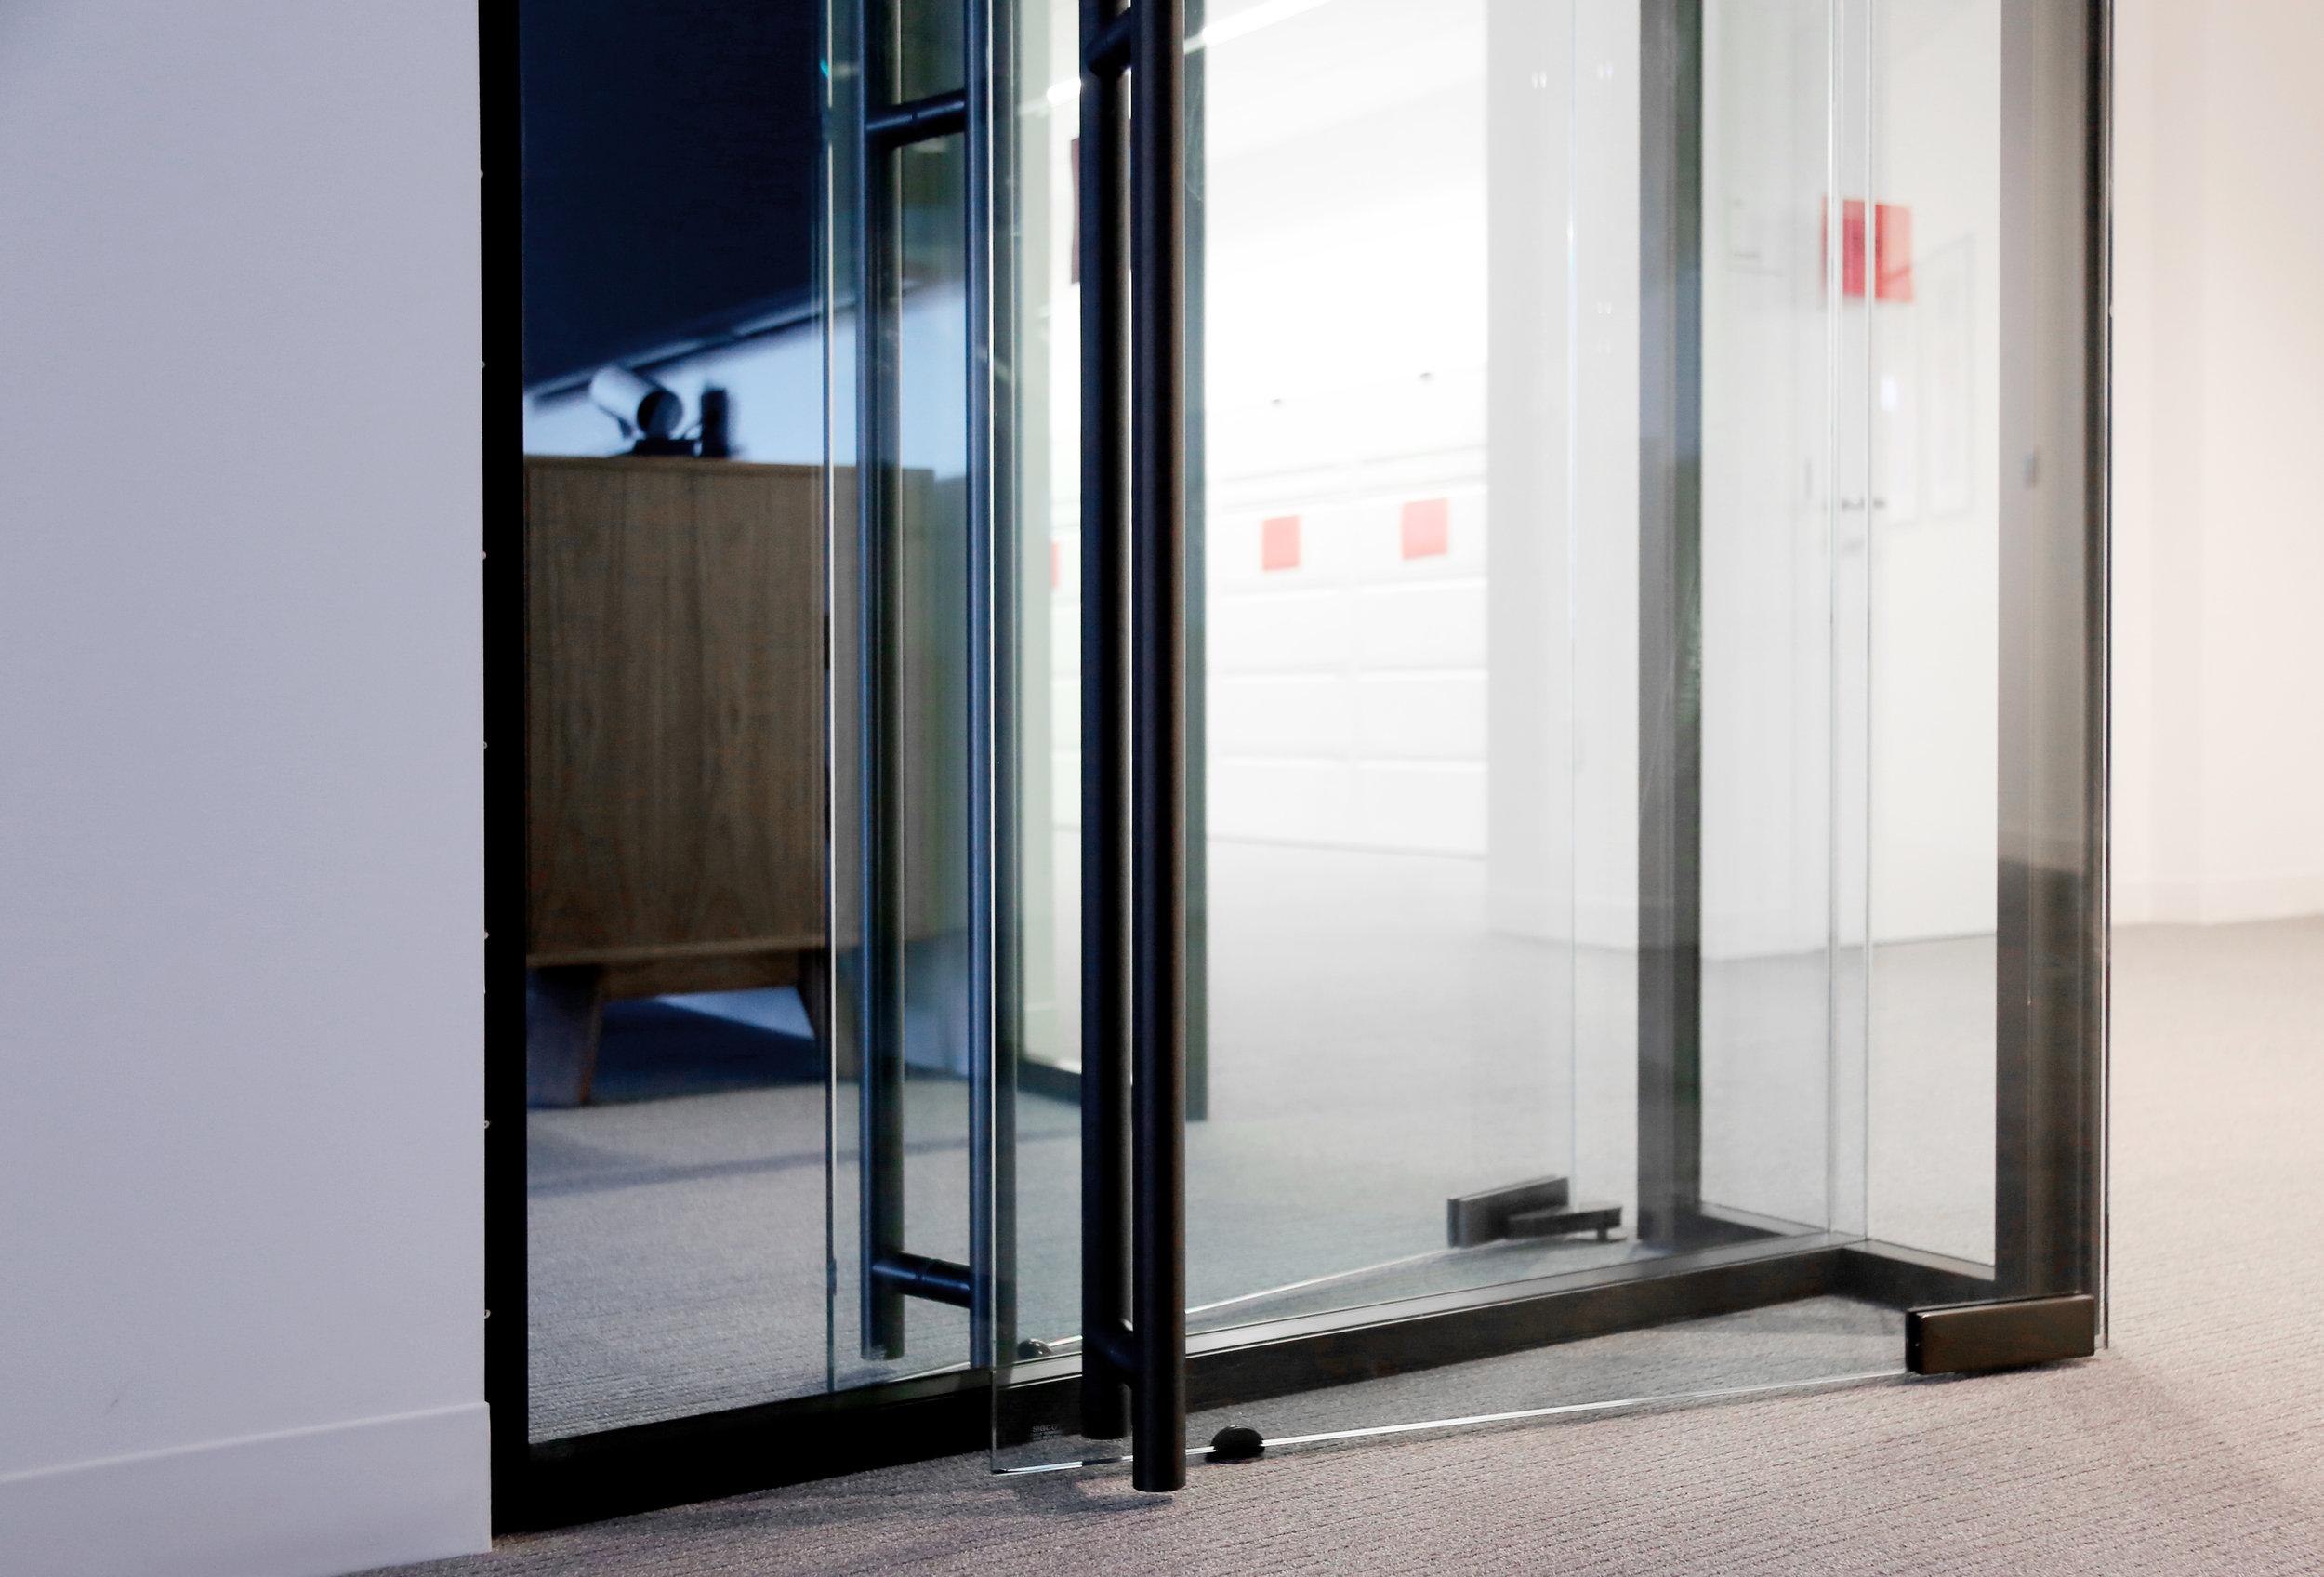 Modernus Double Frameless Glass Door Glass Return - Spaceworks AI.jpg